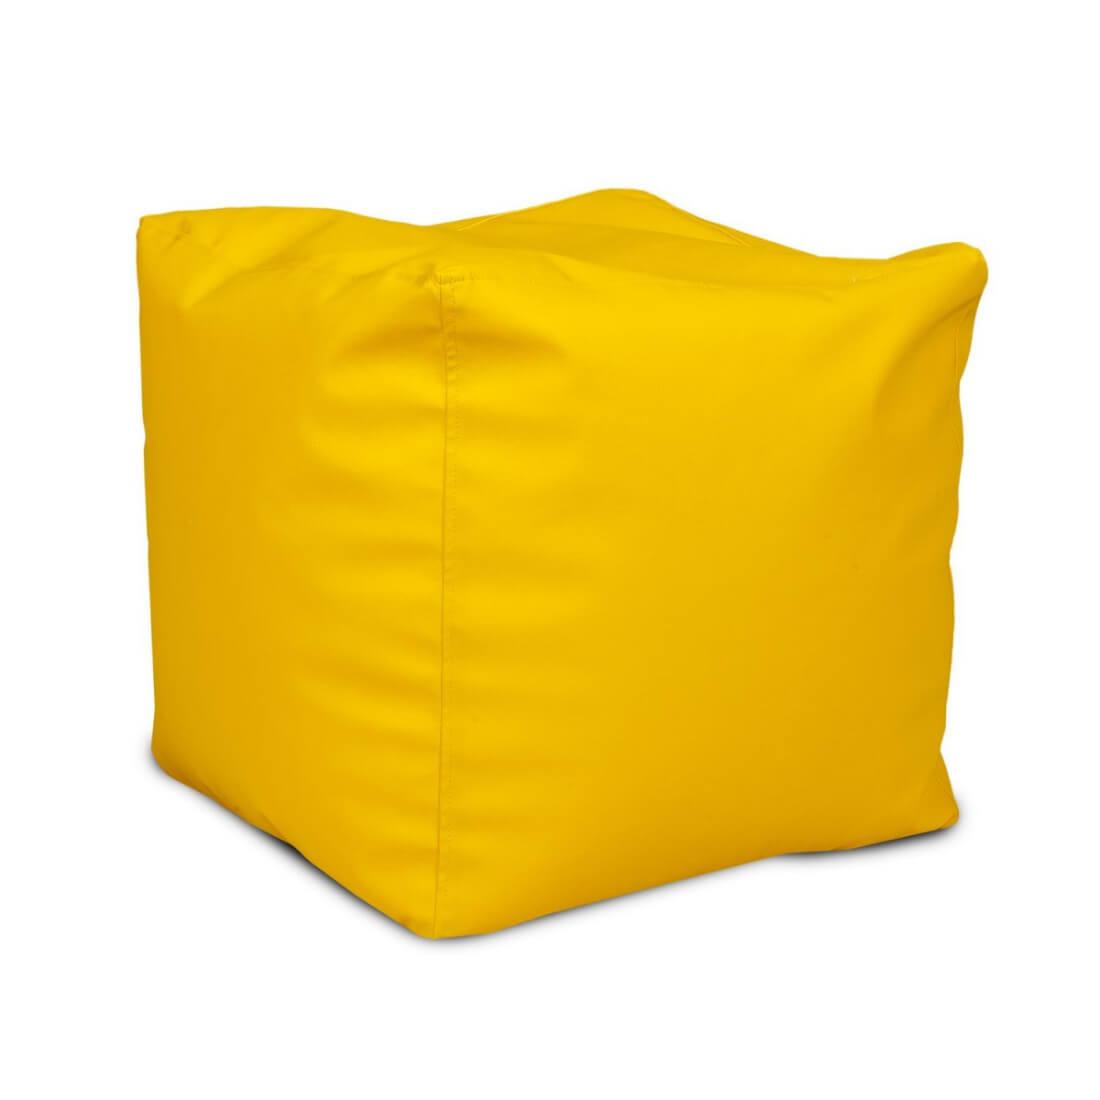 Cubes velký 50x50 cm citronova